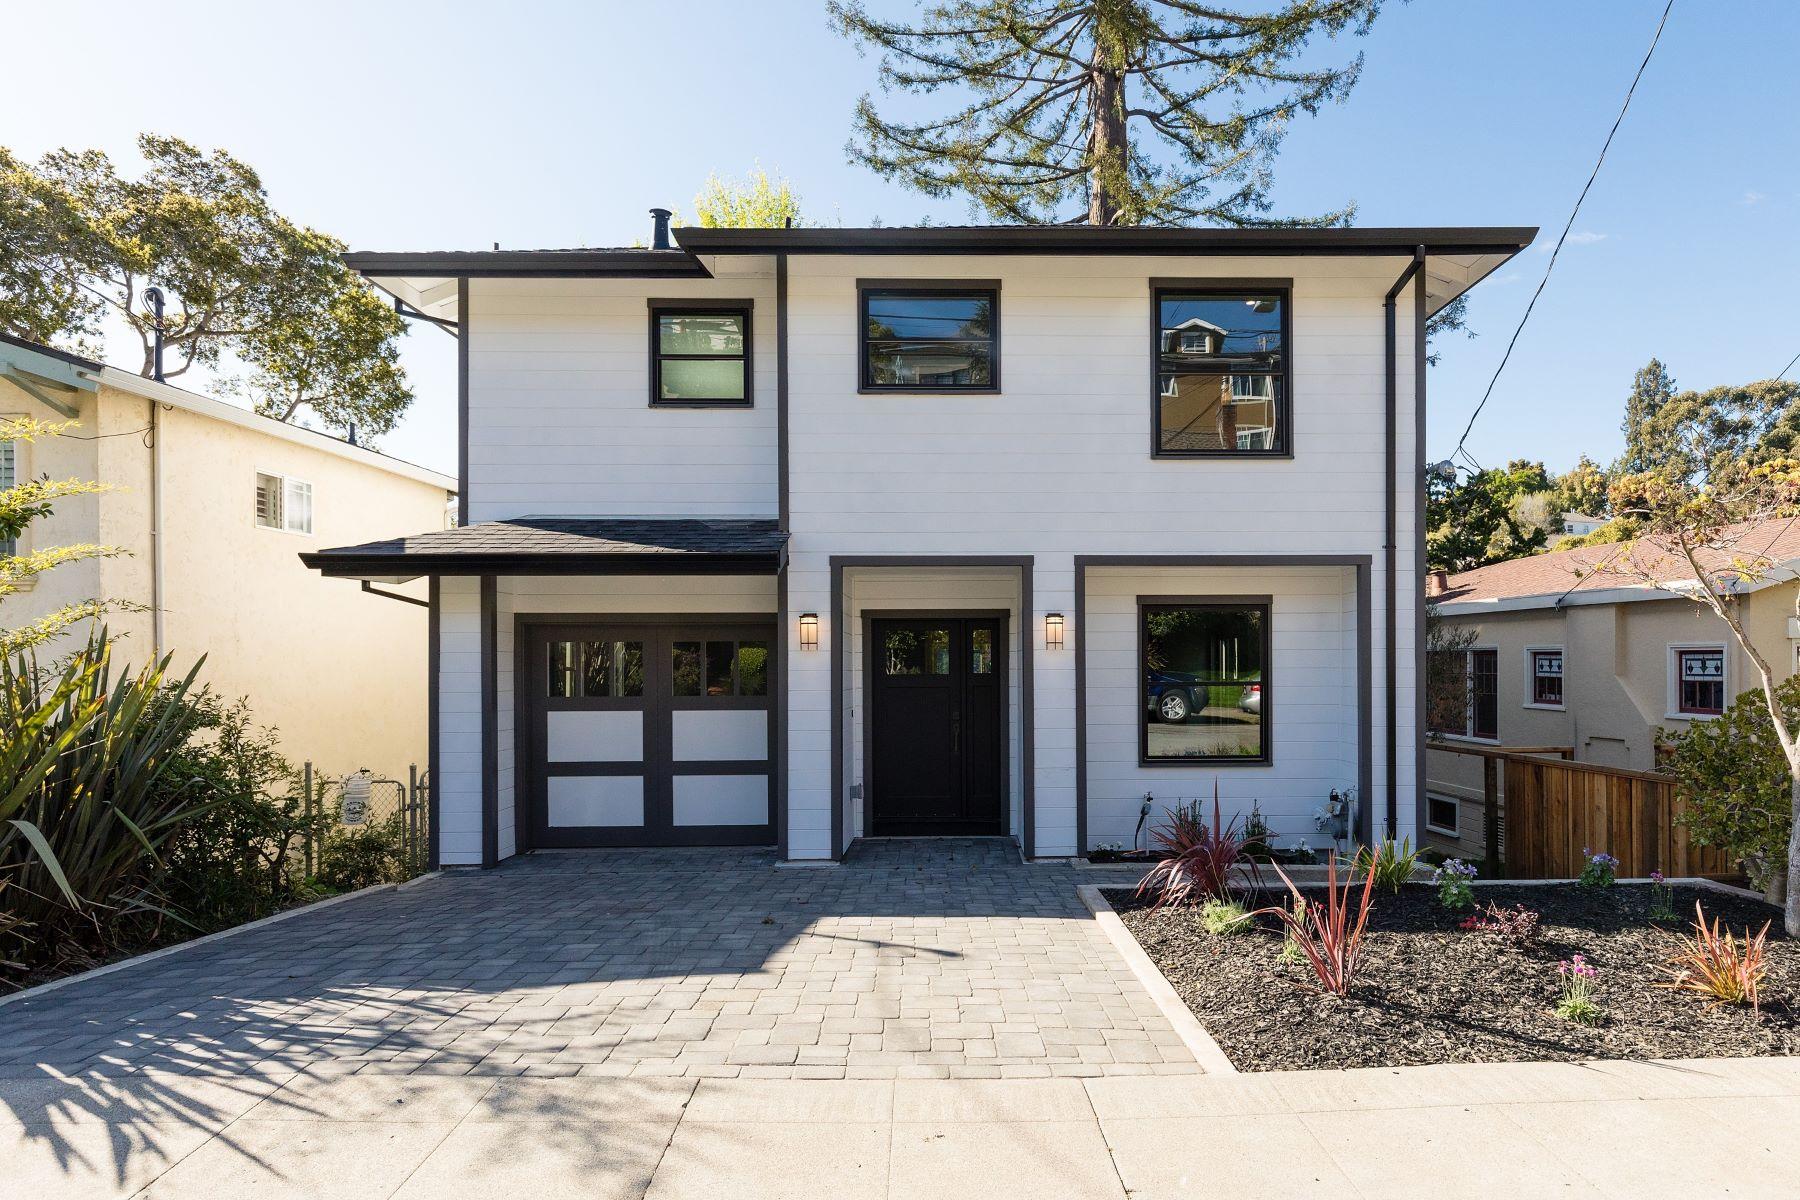 Casa Unifamiliar por un Venta en Crocker Highlands Craftsman 1384 Barrows Road Oakland, California 94610 Estados Unidos